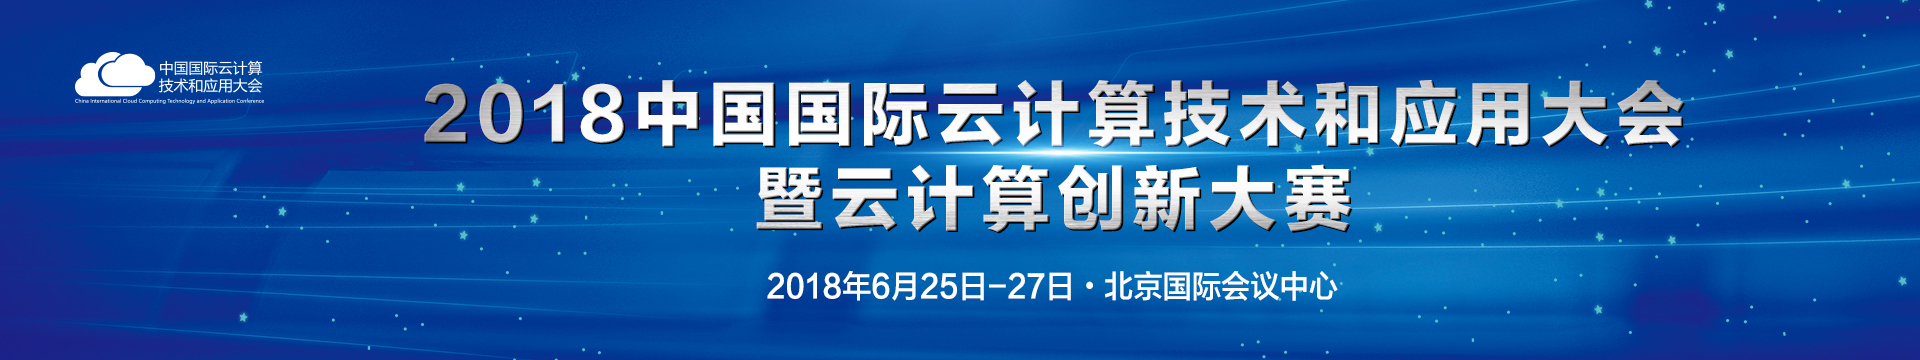 2018中国国际云计算技术和应用大会暨云计算创新大赛